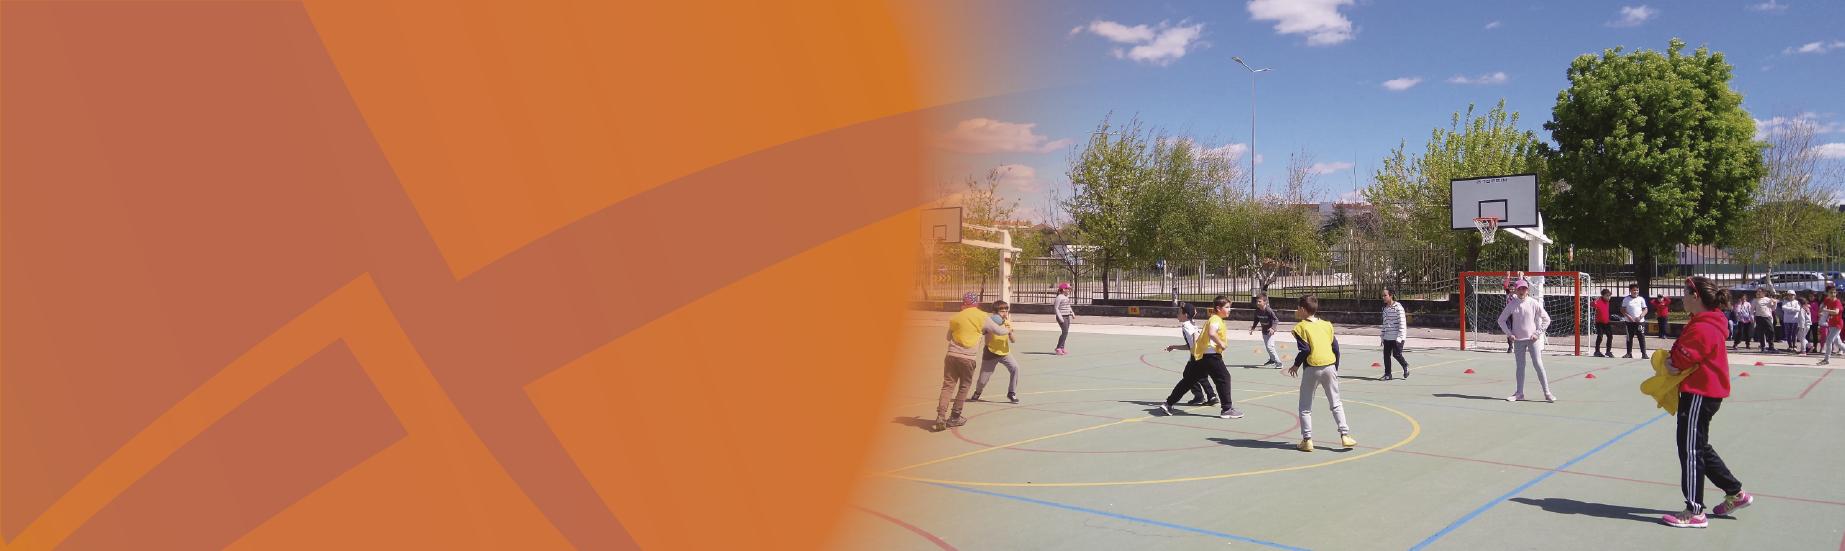 Andebol 4 Kids - Festand em Tondela